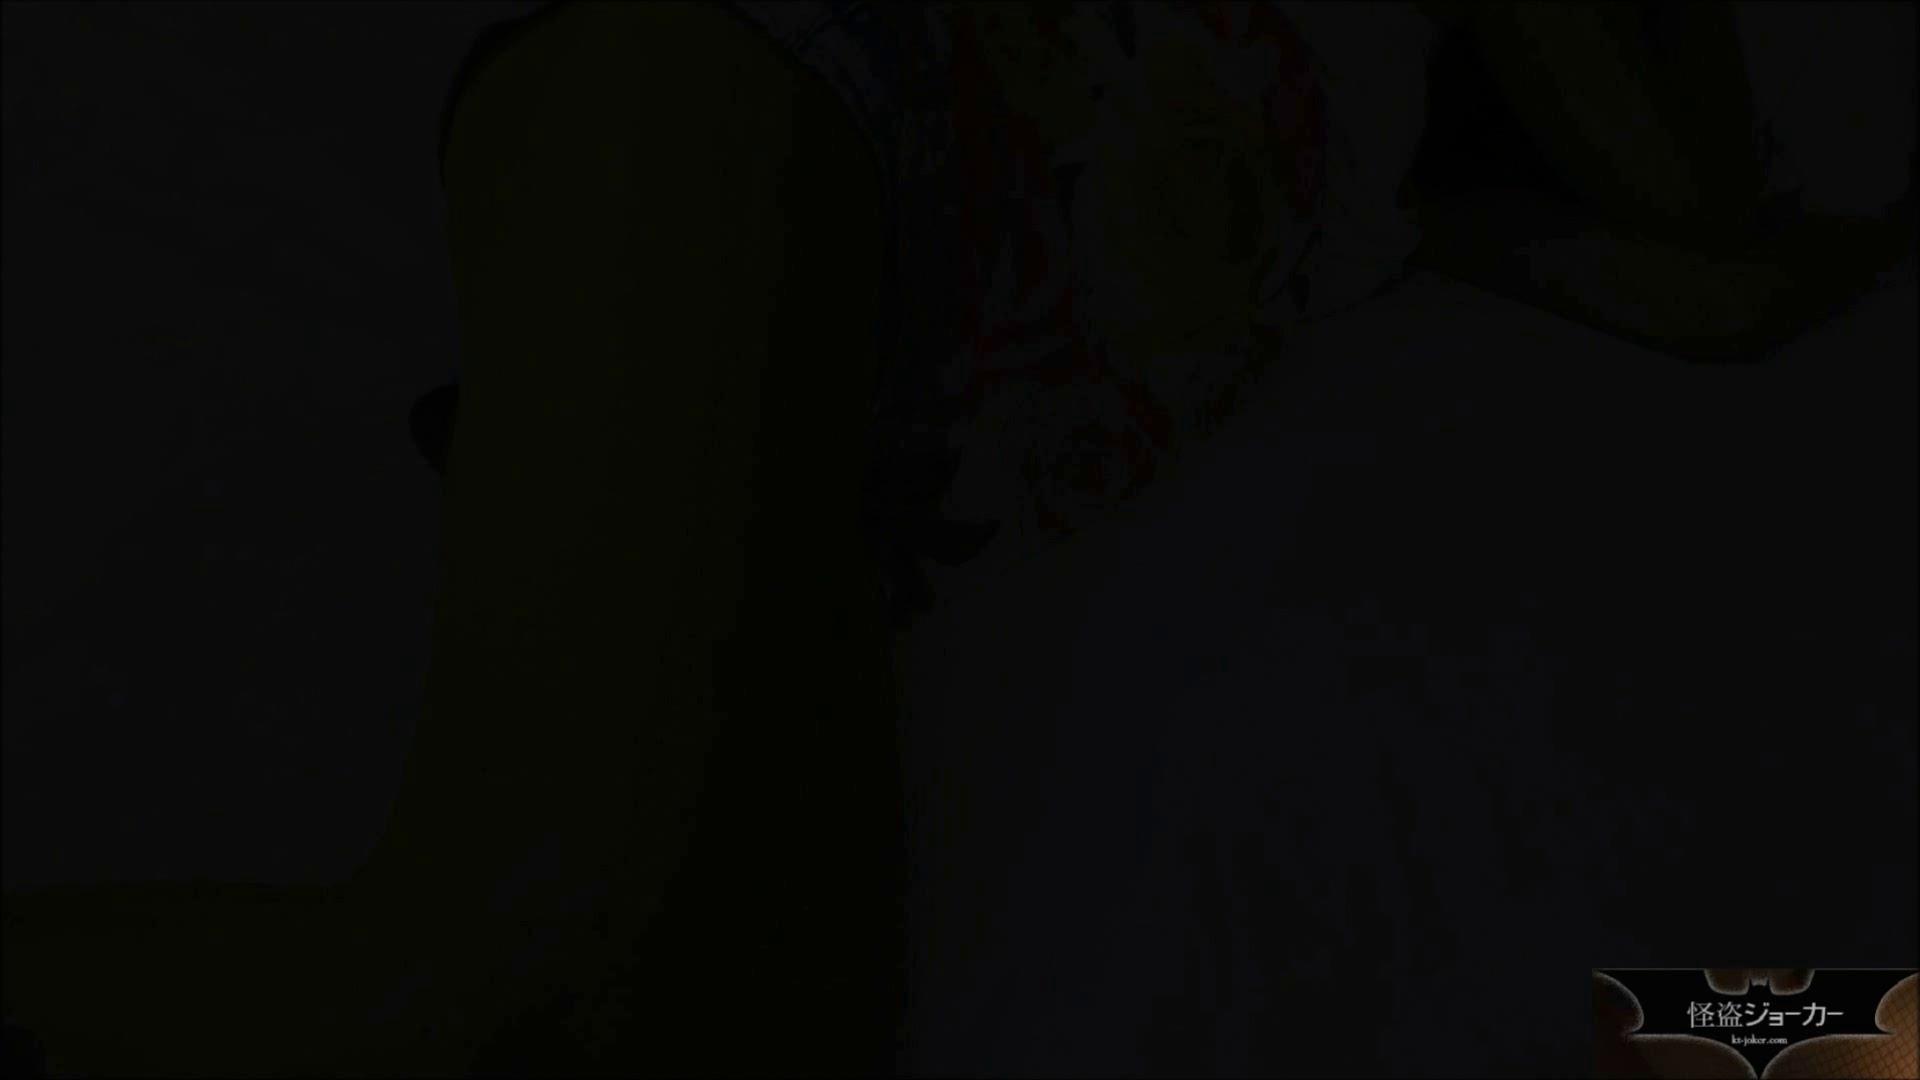 【未公開】vol.43 【朋葉】肉欲の関係。私のモノを欲し始め・・・ 美乳 | 高画質  28画像 21